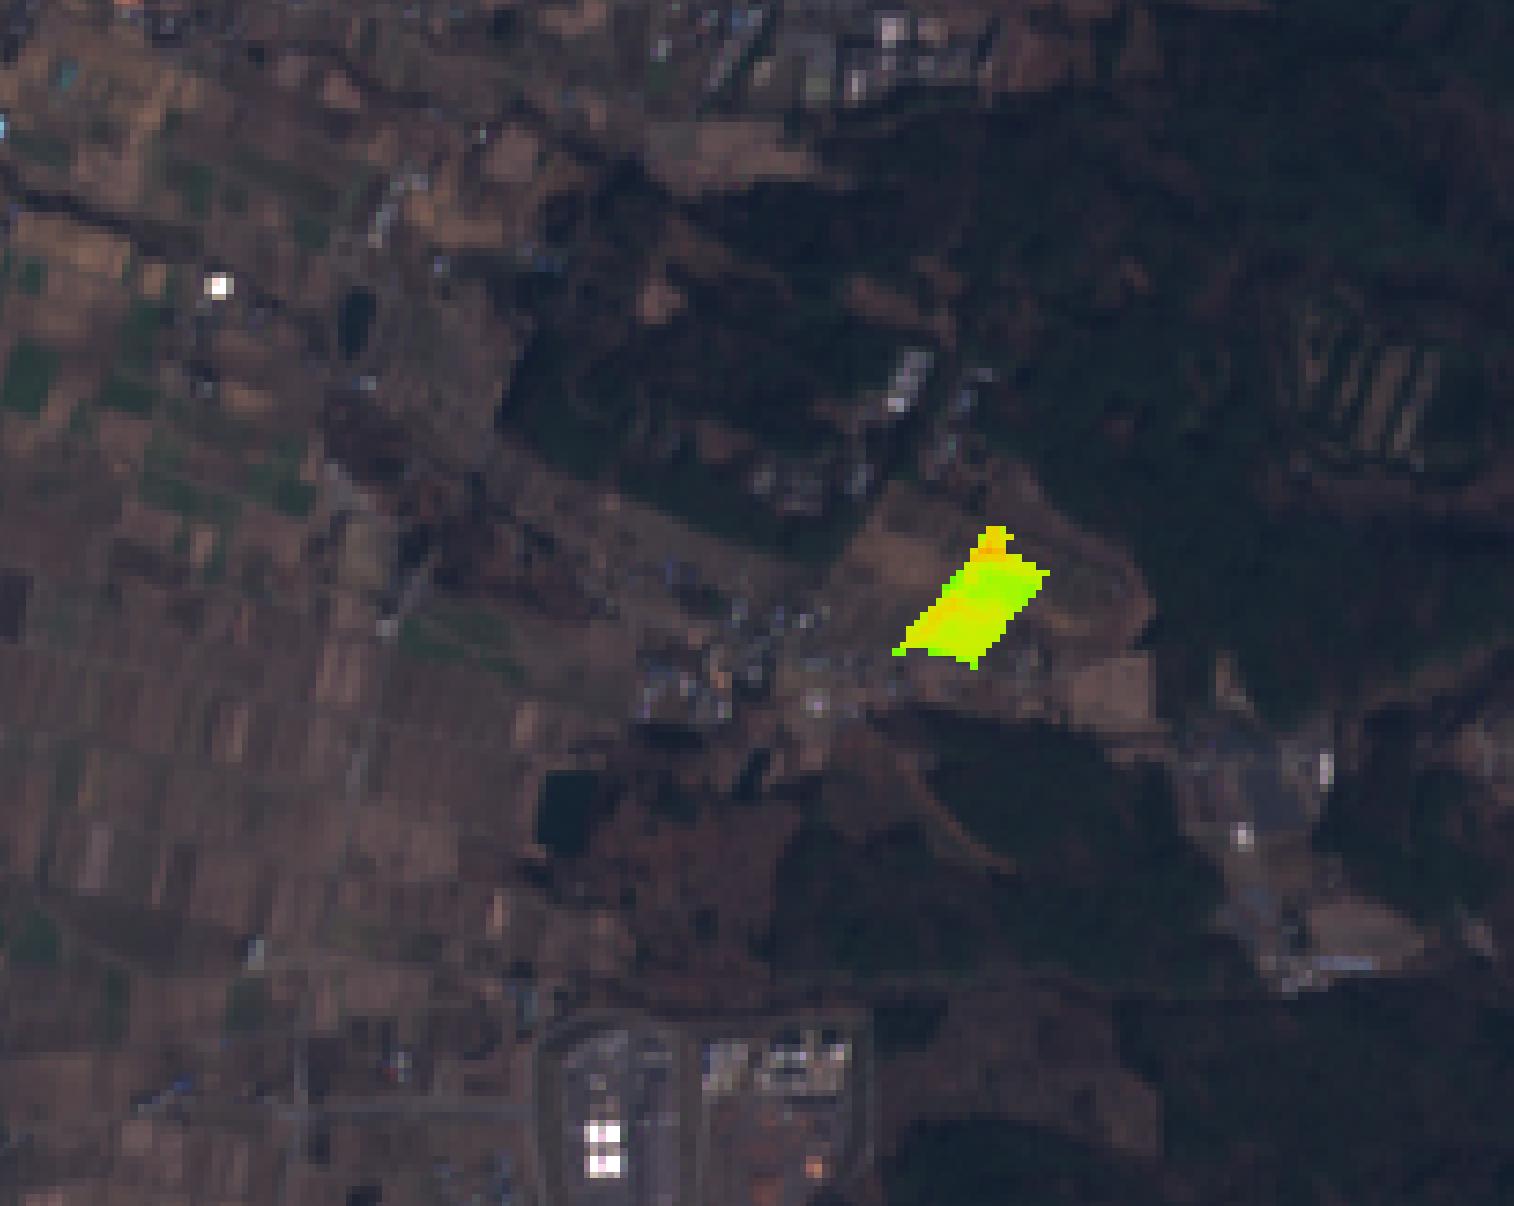 キャベツ圃場の生育状態解析ヒートマップ